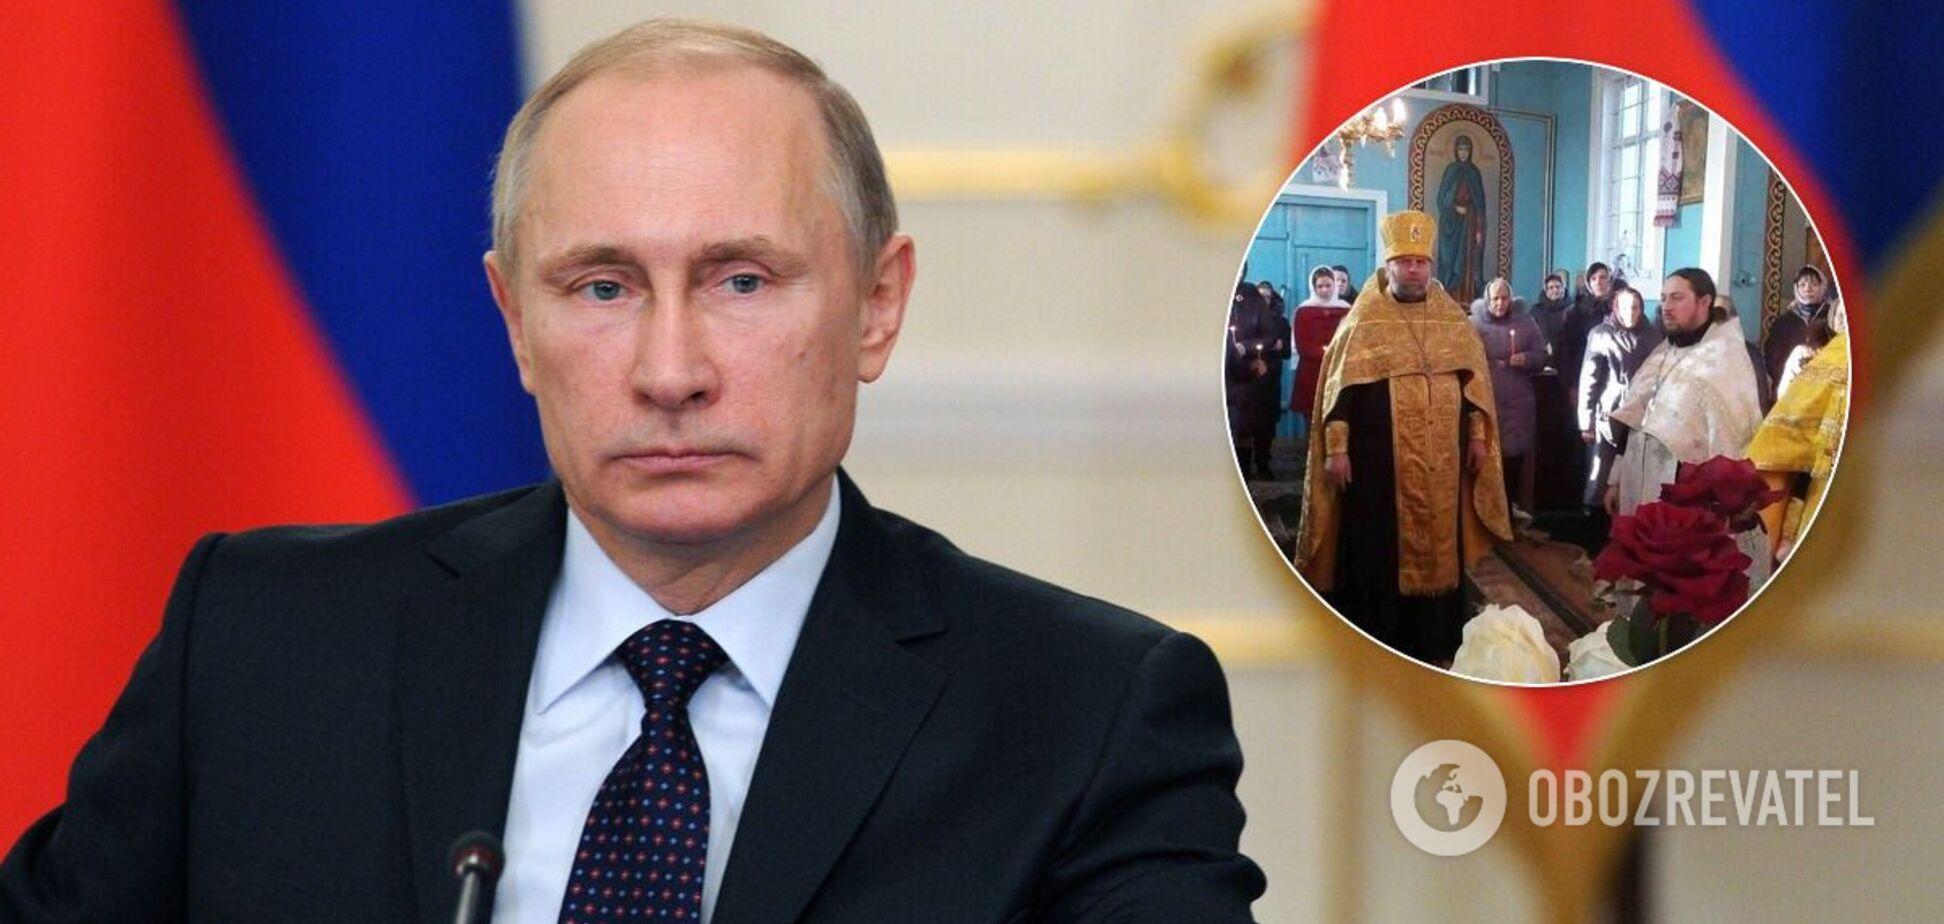 Український священник привітав Путіна